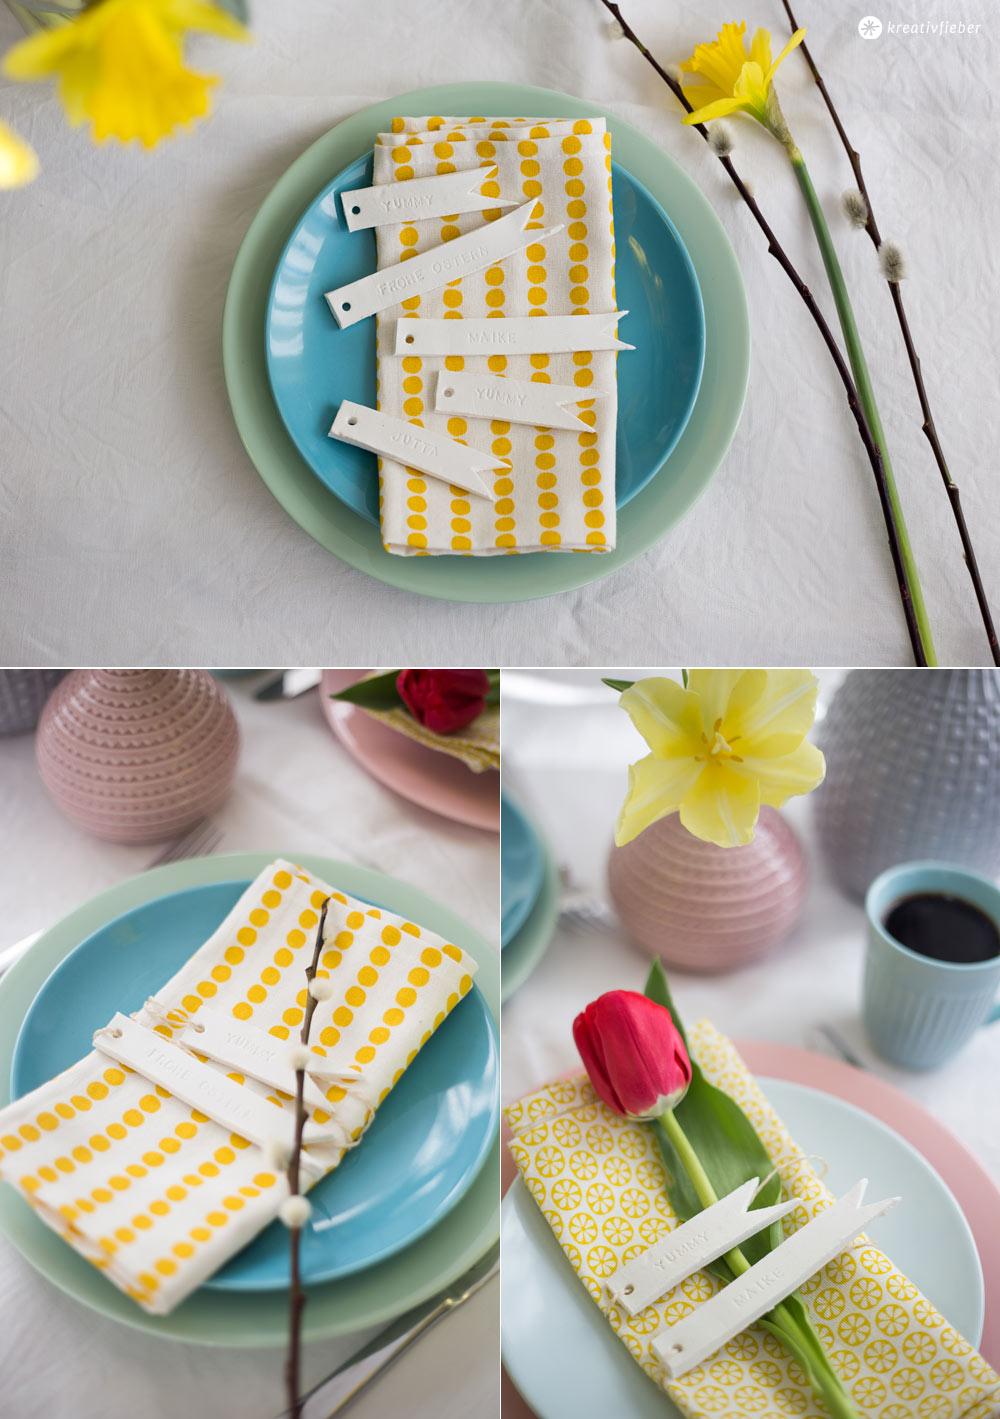 Osterdeko Ideen aus Modelliermasse - Tischkärtchen Fähnchen kombiniert mit Pastelltönen - Ostertischdeko